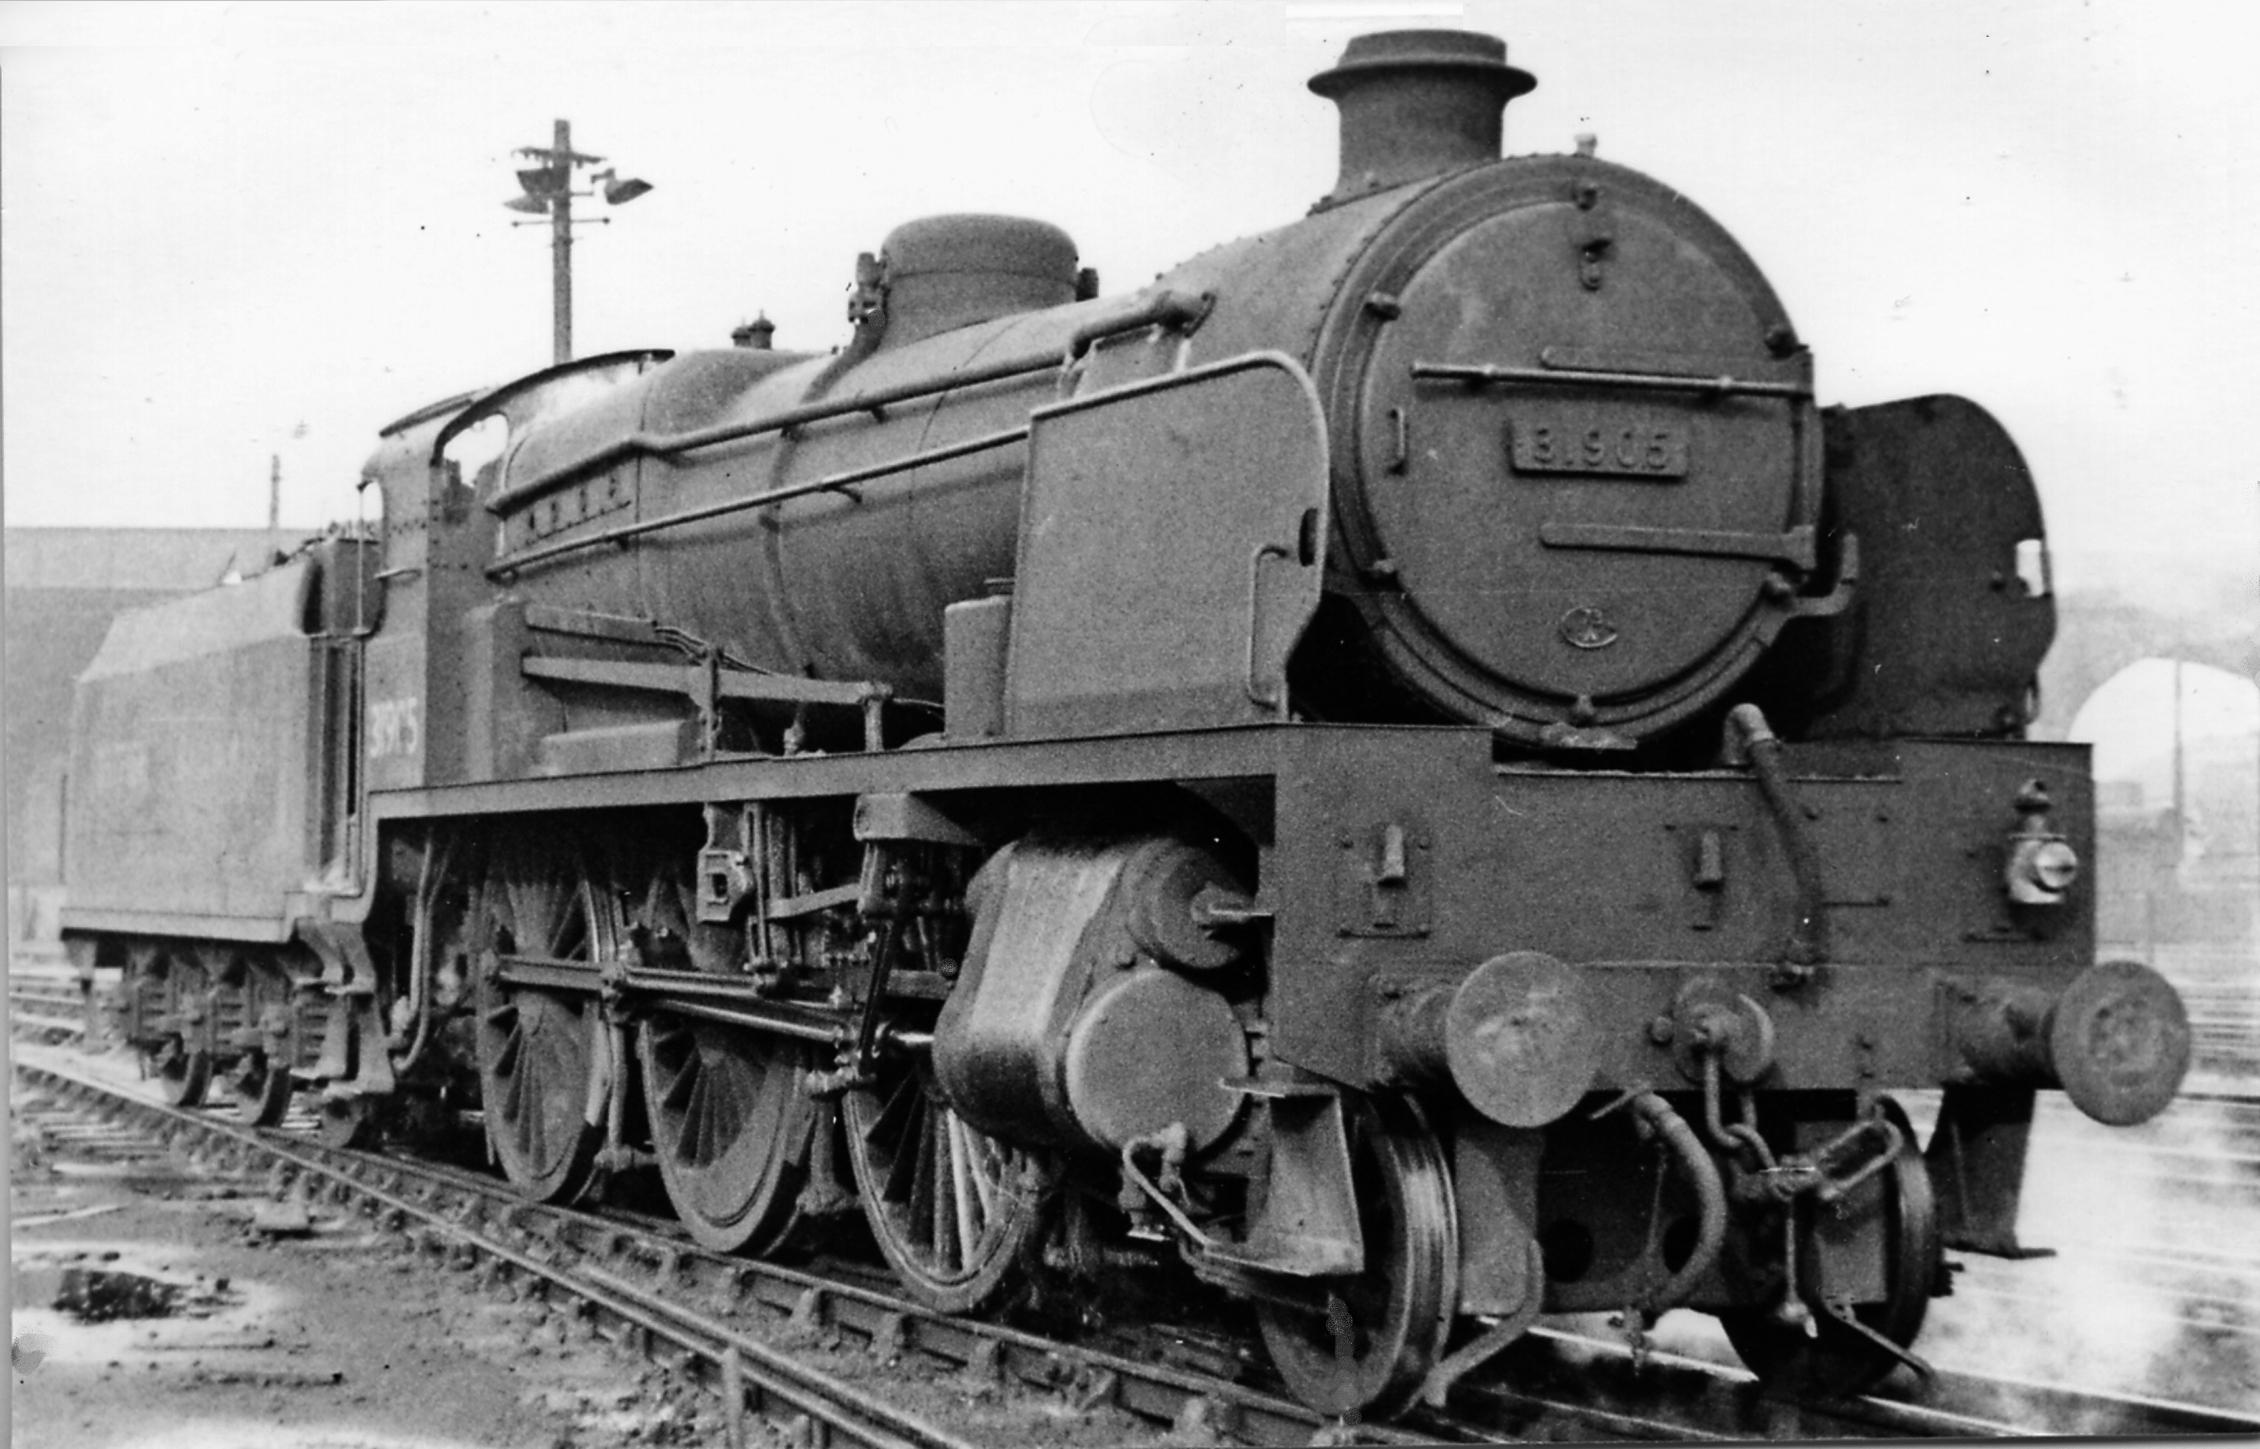 31905 at Stewarts Lane Locomotive Depot in April 1951. ©Ben Brooksbank